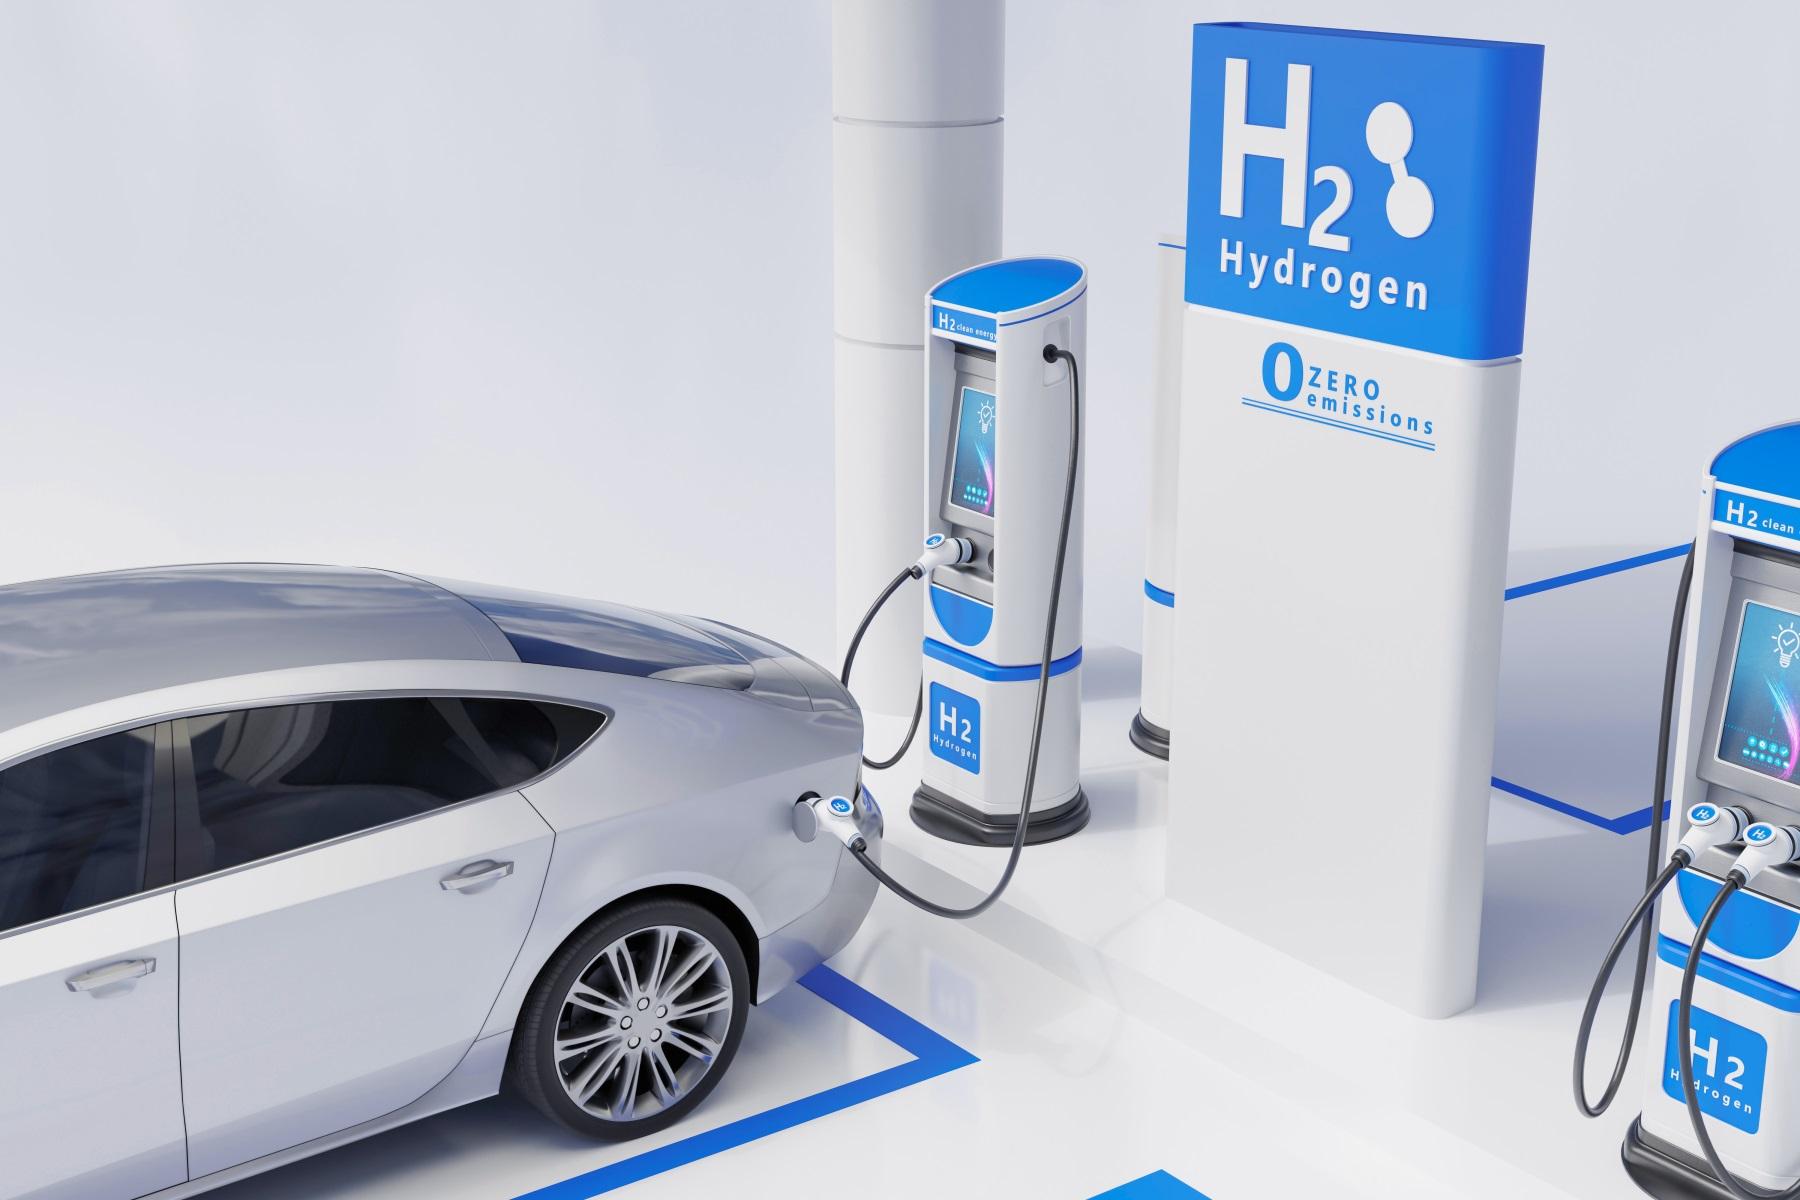 19款高清新能源汽车充电桩充电站汽车充电JPG图片设计素材 Charging Pile Picture插图8